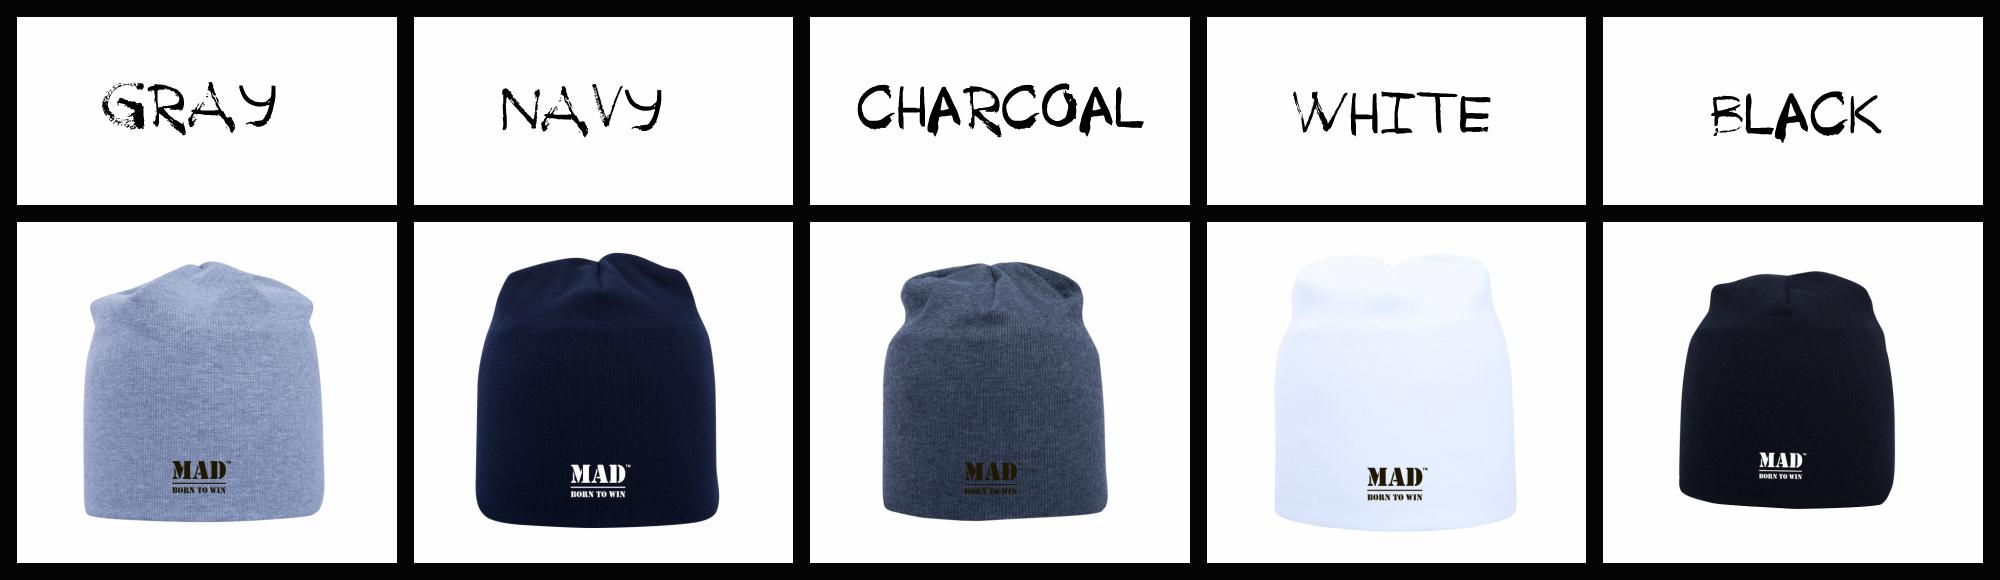 шапка, натуральная шапка, молодежная шапка, шапка интернет магазин, мужская шапка, женская шапка